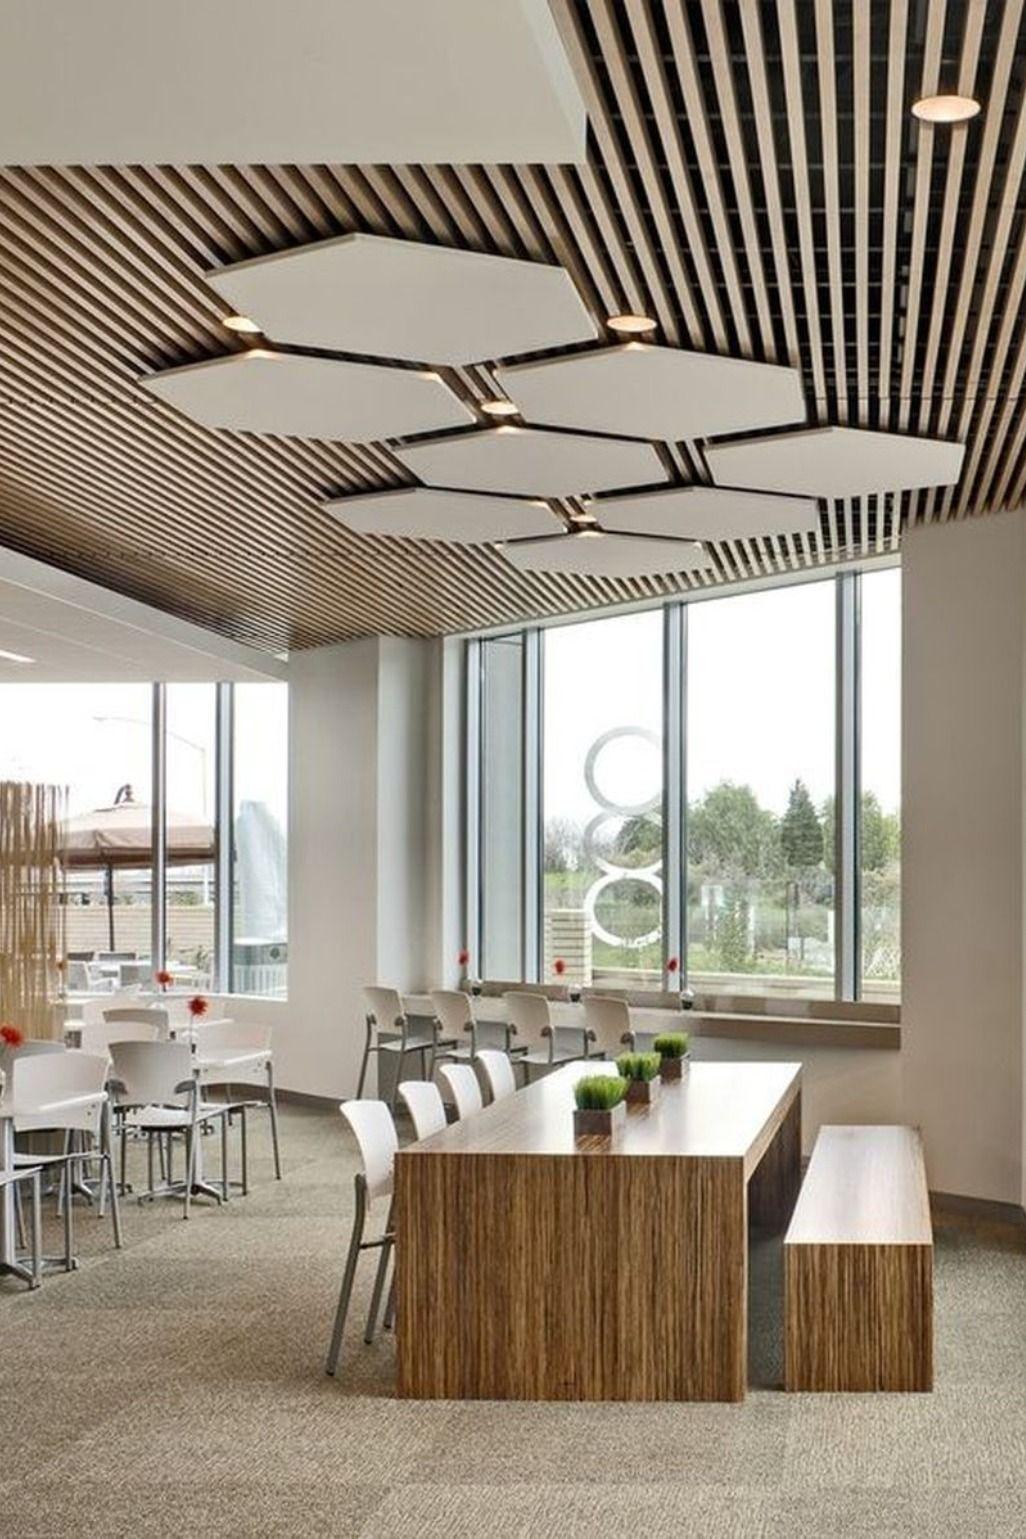 Sơn hiệu ứng Waldo-Văn phòng thiết kế phong cách Art Decor